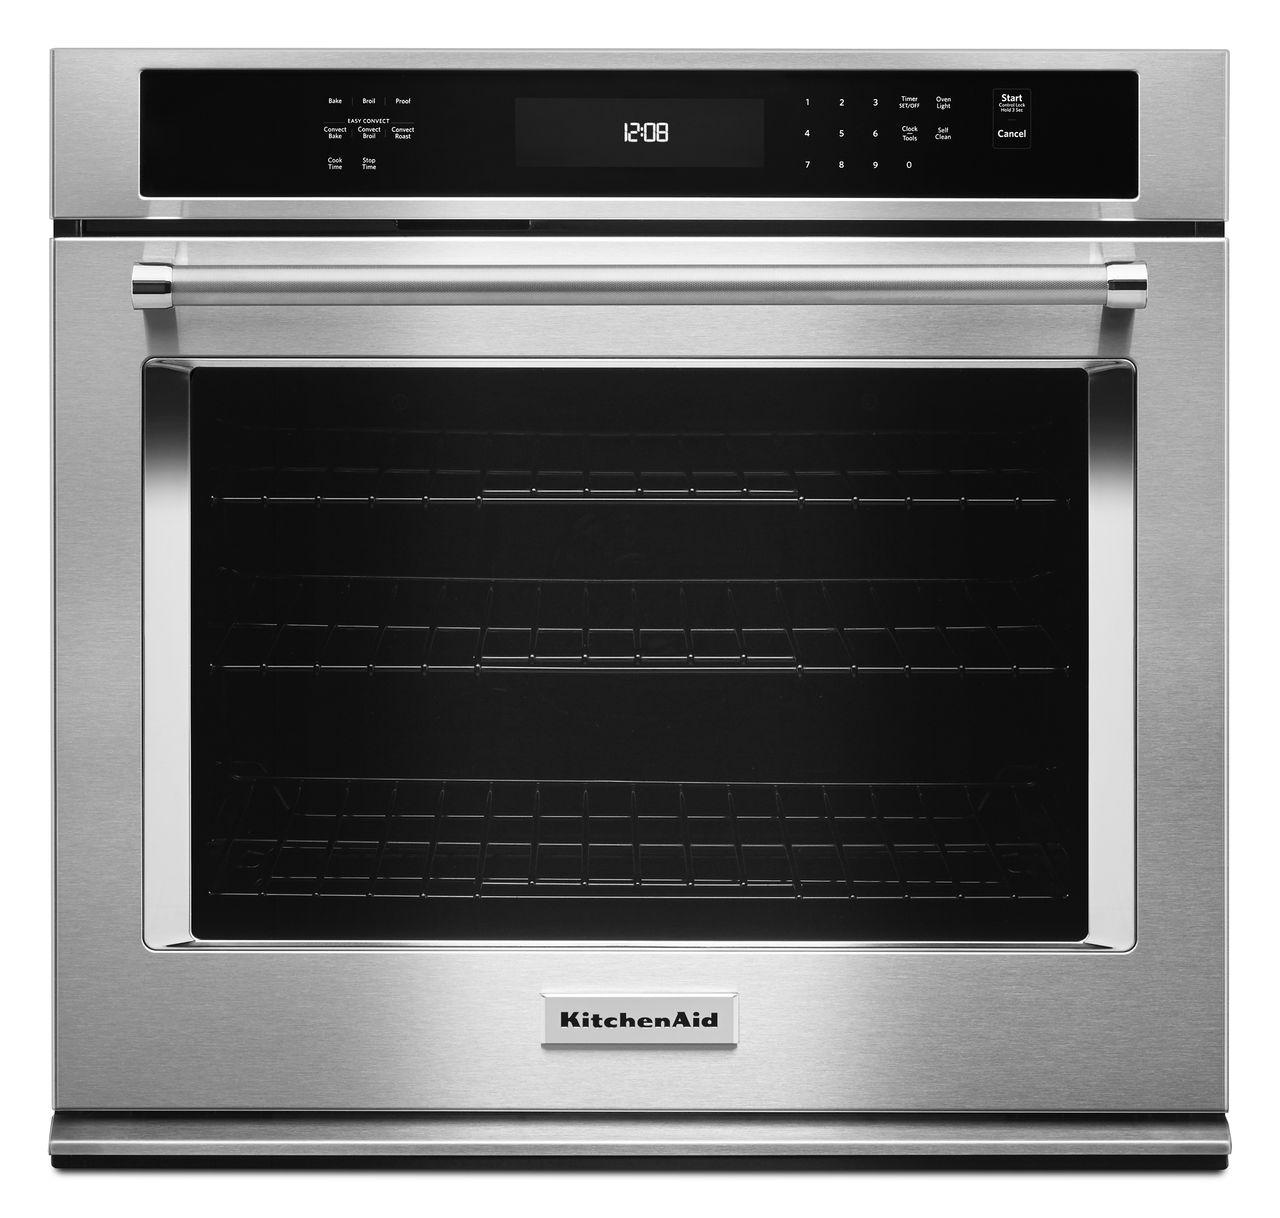 Kitchenaid Range Stove Oven Model Kose500ess00 Parts